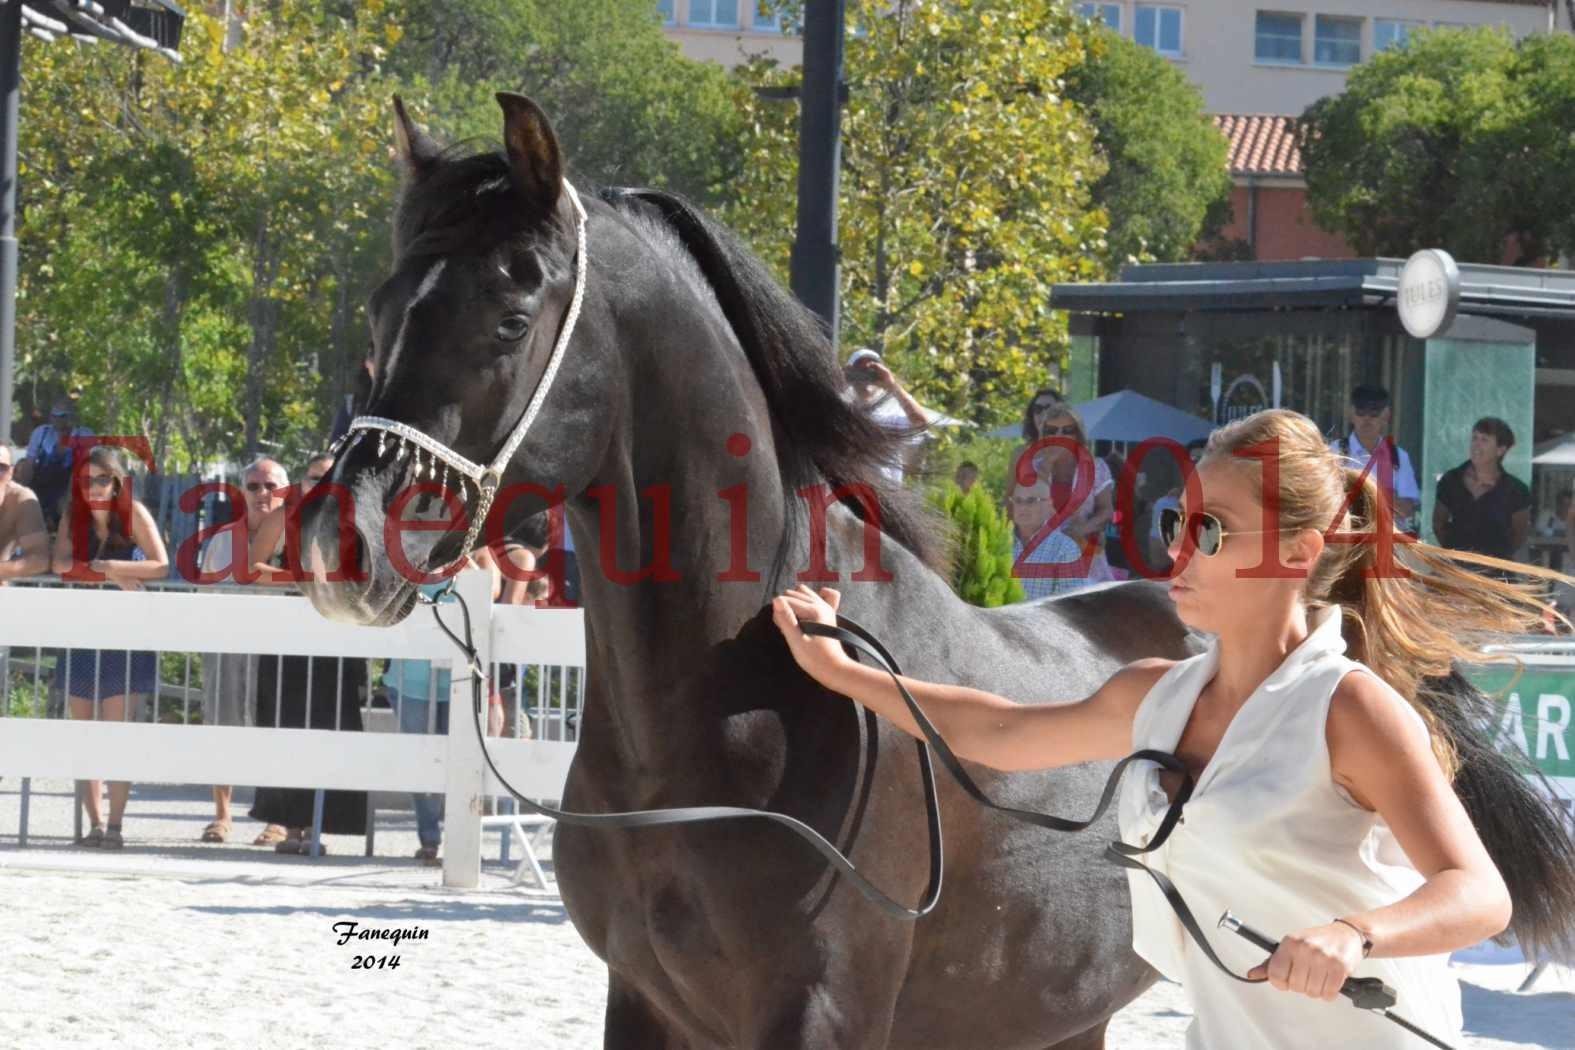 Concours National de Nîmes de chevaux ARABES 2014 - Notre Sélection - Portraits - BALTYK DE CHAUMONT - 1